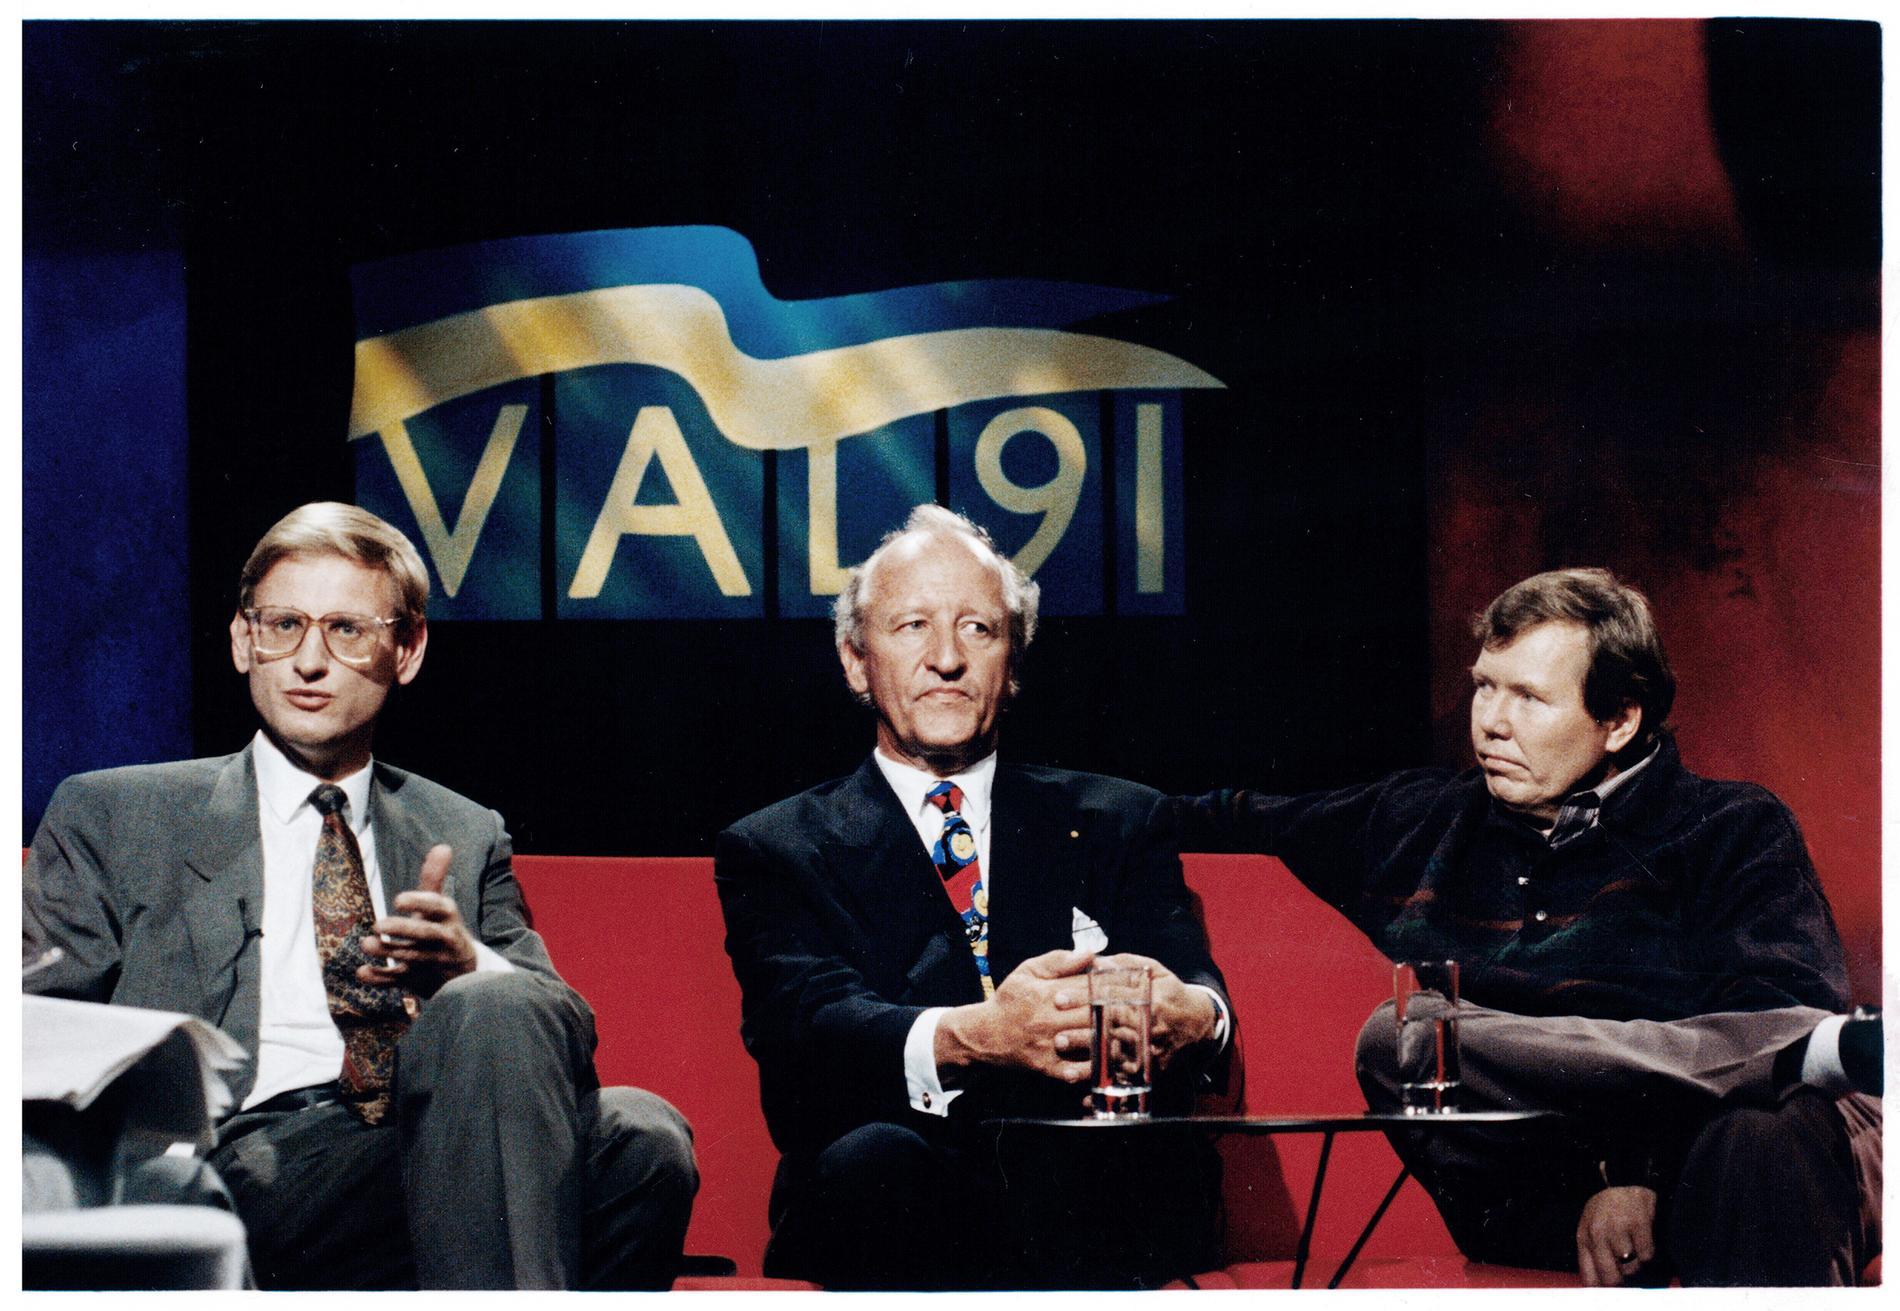 Ian Wachtmeisters och Bert Karlssons Ny Demokrati fick en vågmästarroll i riksdagen efter valet 1991. Carl Bildt (M) gjorde misstaget att stötta sig mot dem när han bildade regering.